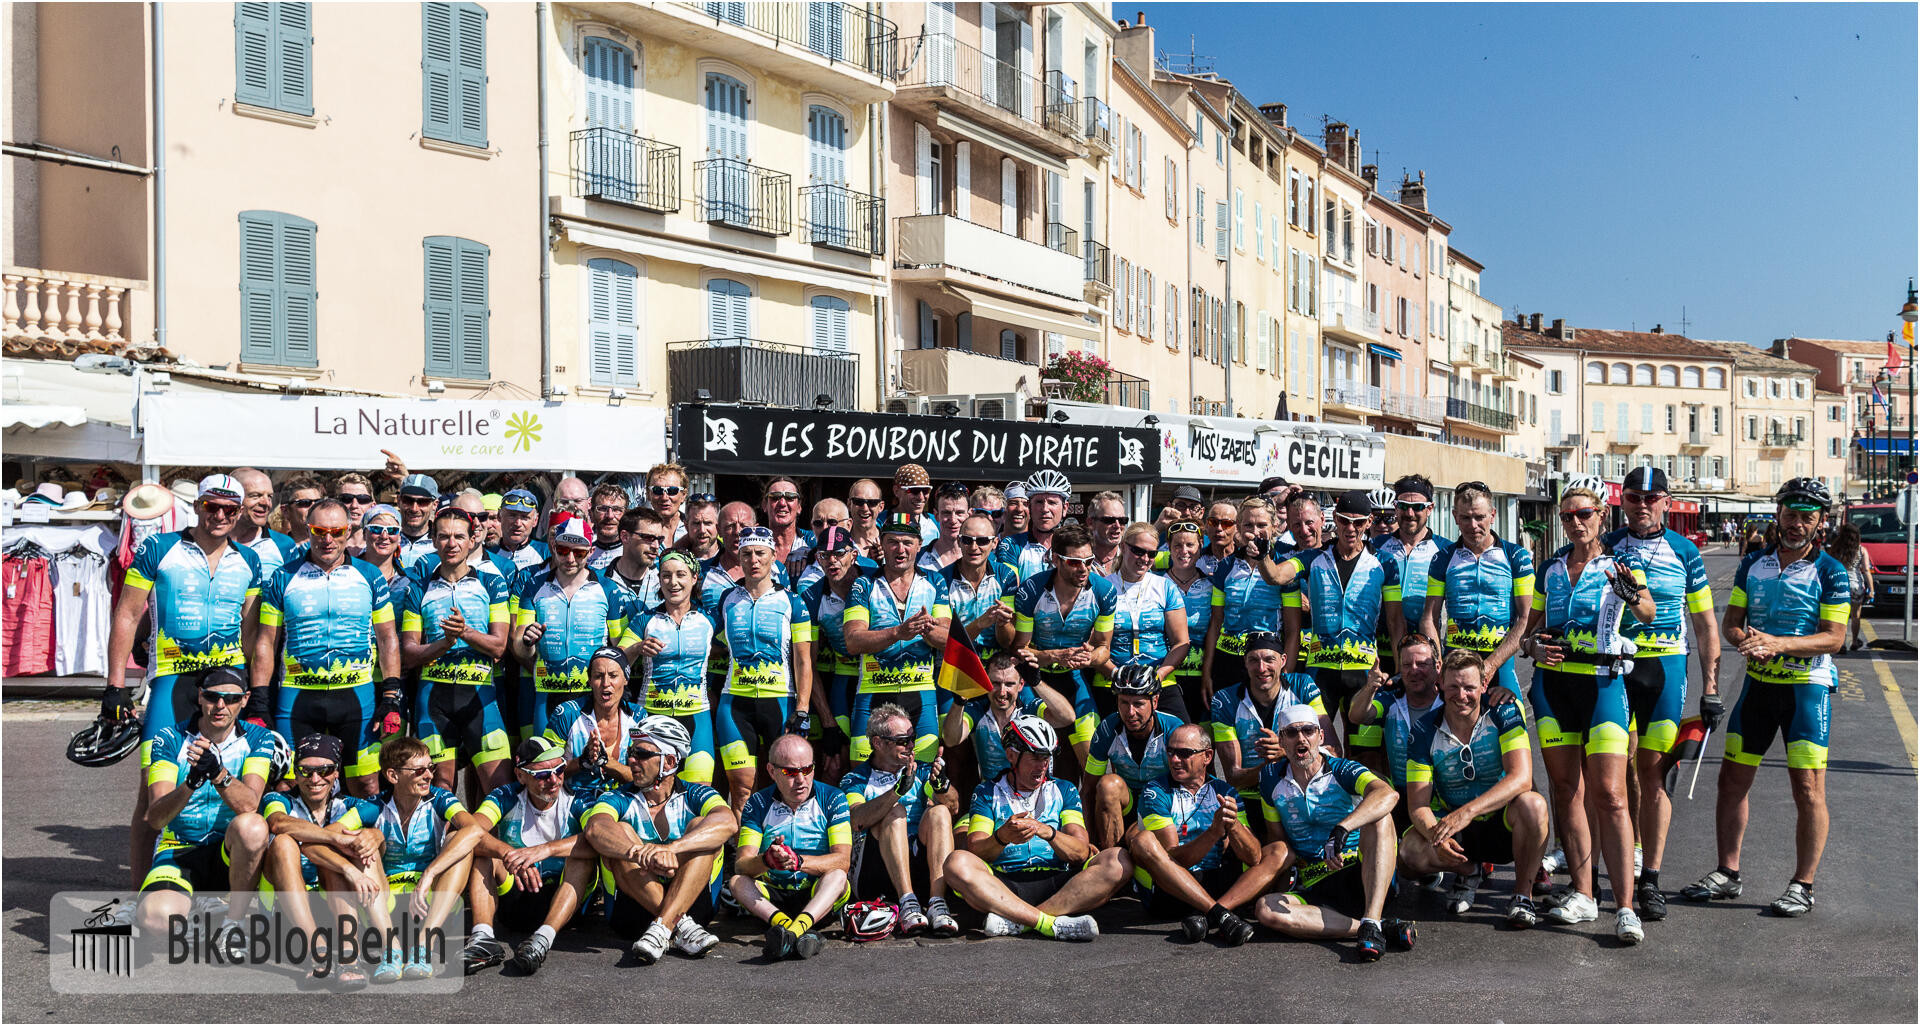 Das gesamte Team aufgereiht auf der Hafenpromenade von Saint-Tropez. Ein Teil des Teams sitzt auf dem Asphalt, die meisten stehen dahinter.